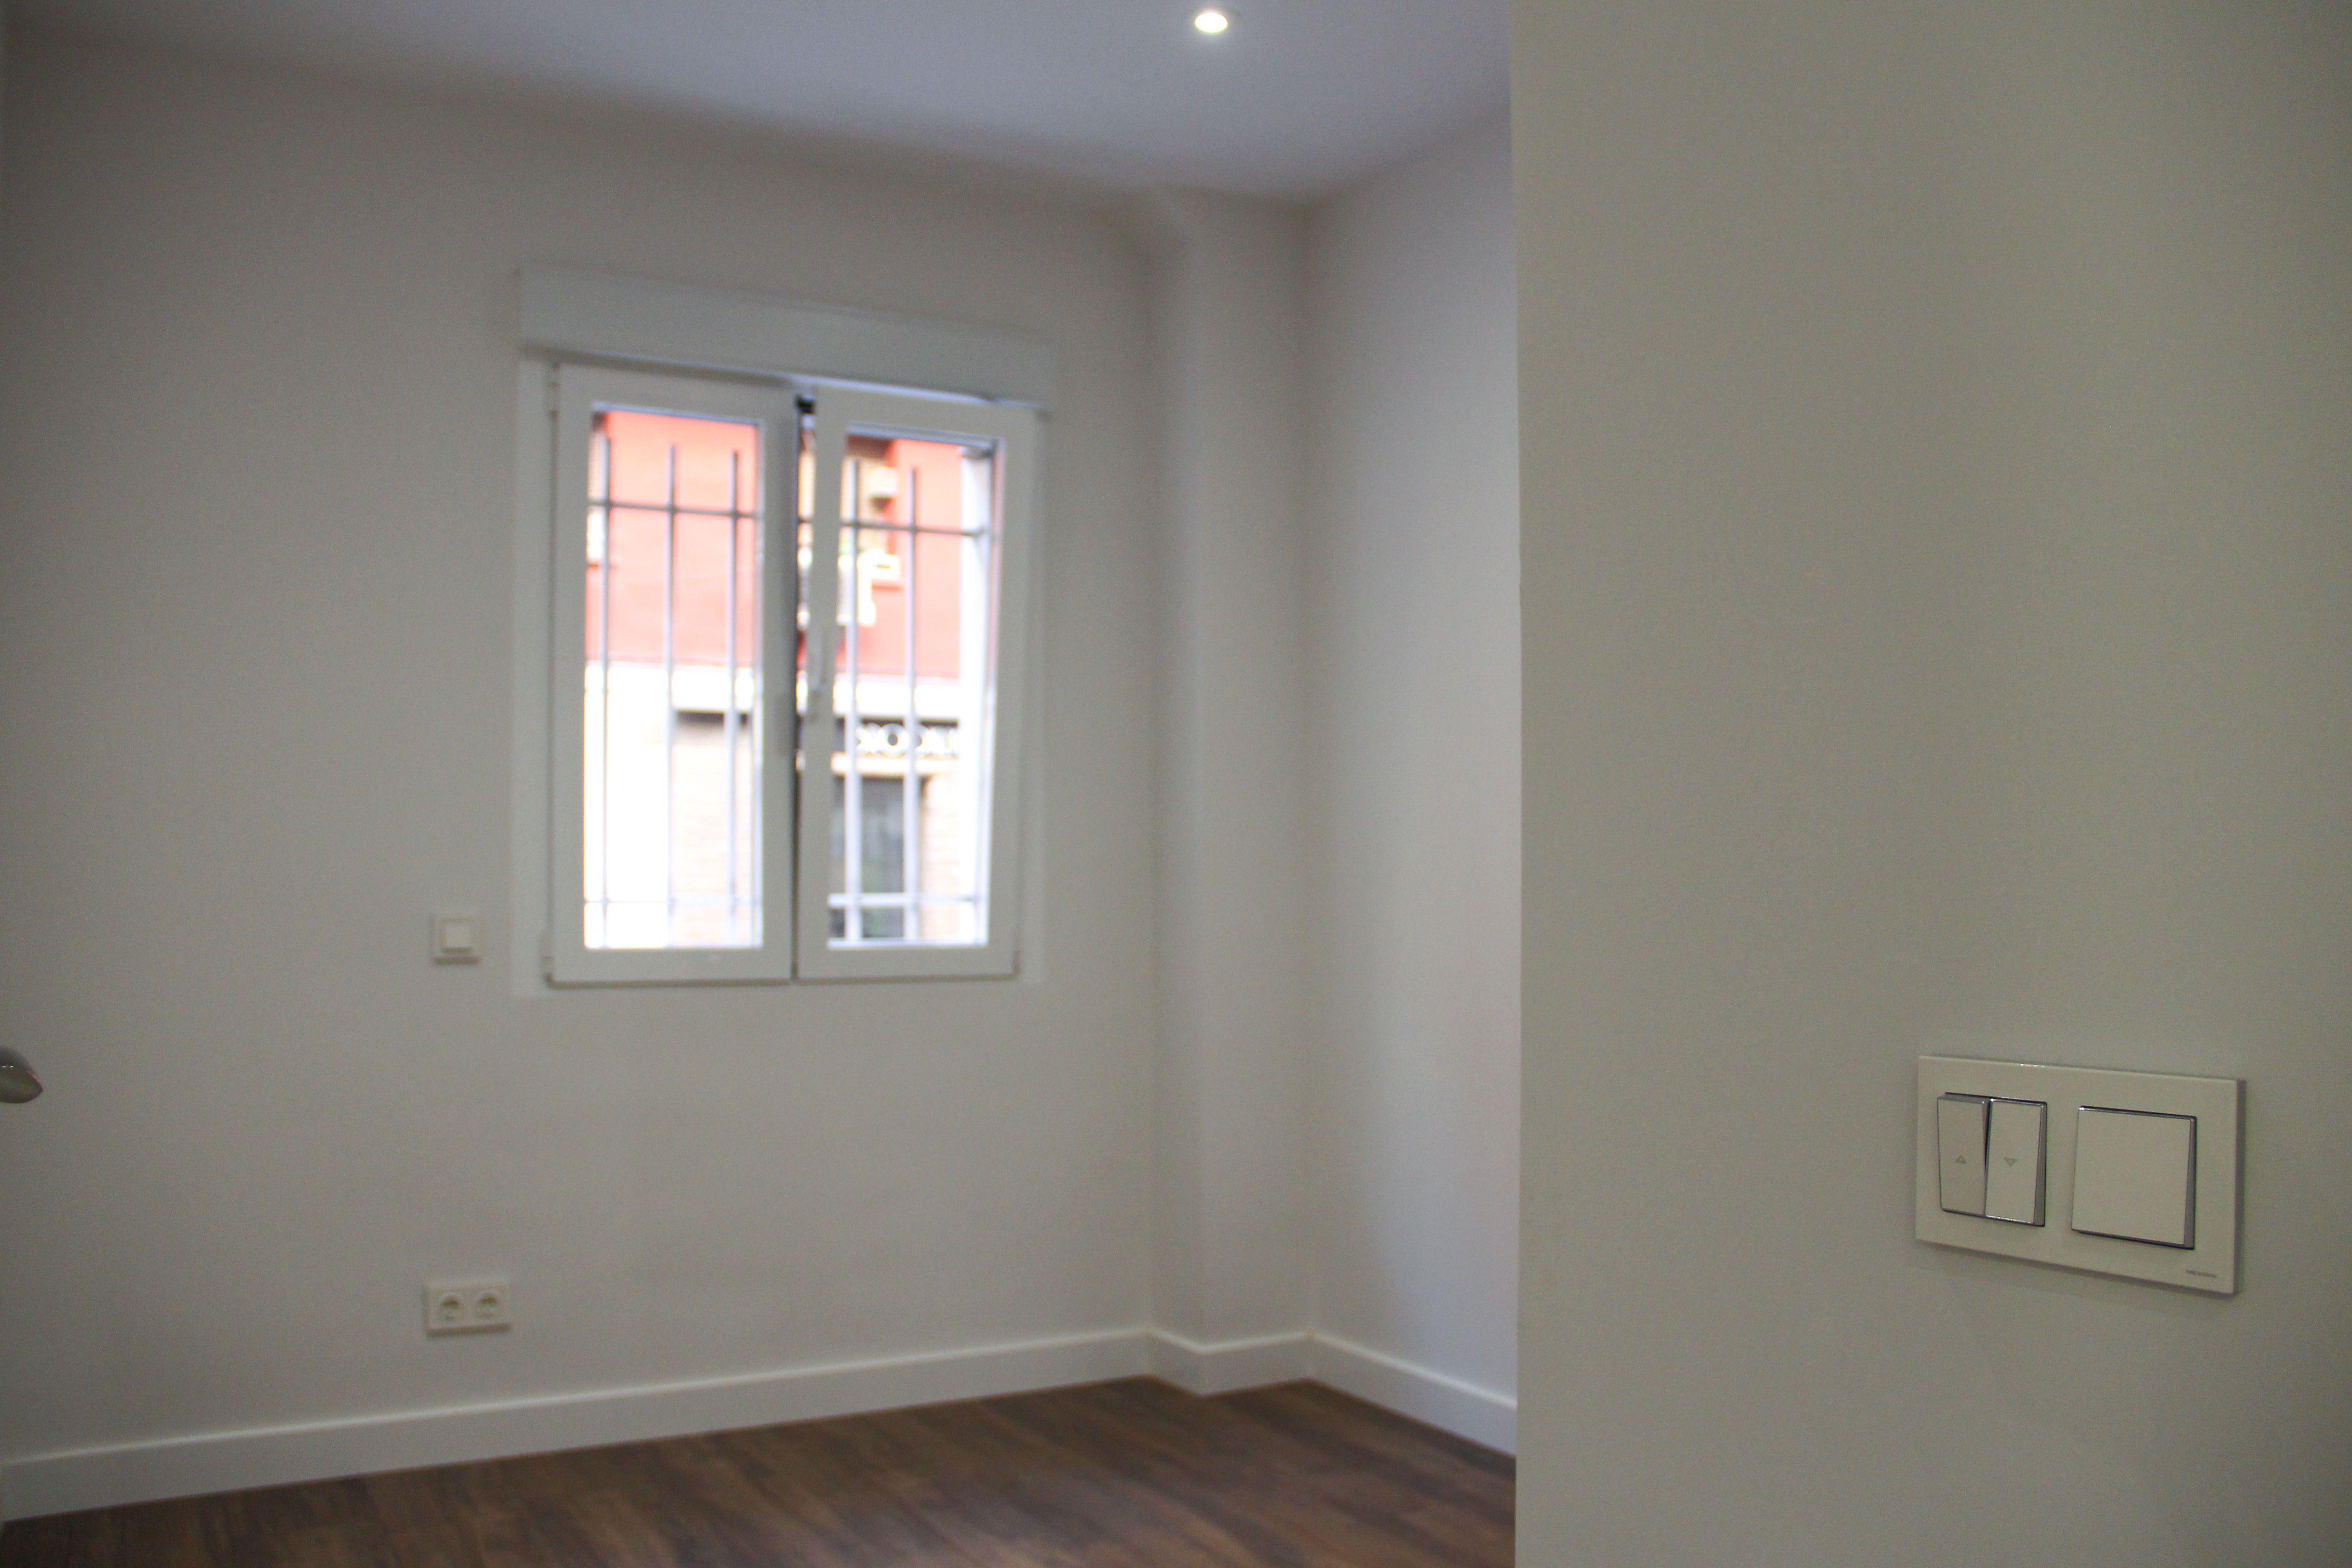 Habitación piso Obras y Promociones Sande, S.L.